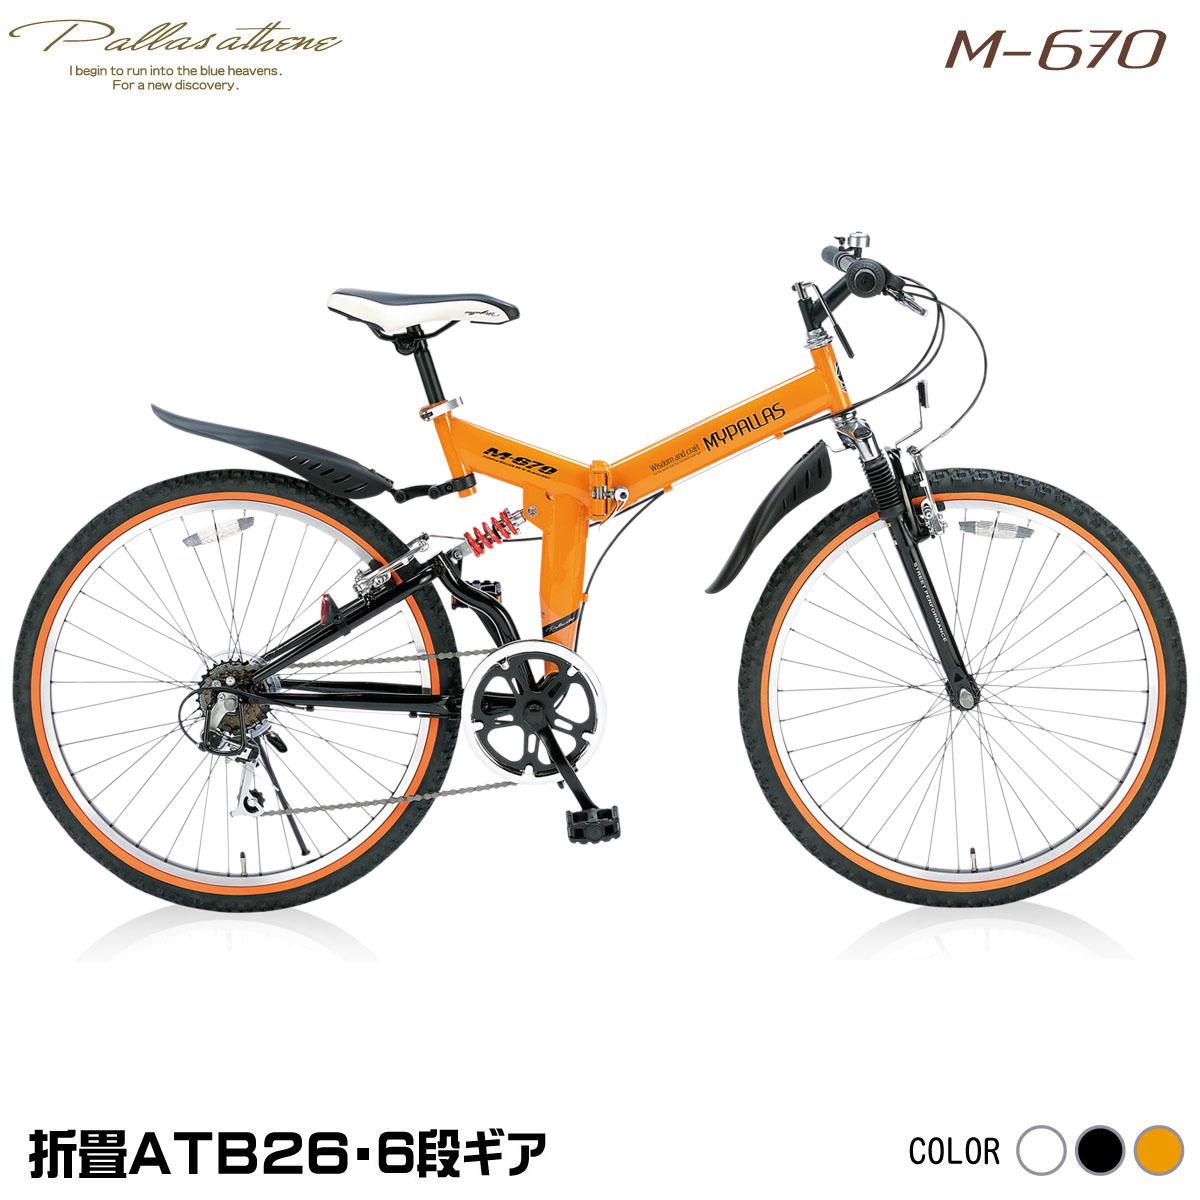 【送料無料】マイパラス M-670-OR オレンジ [折りたたみATB(26インチ) 6段変速] 【同梱配送不可】【代引き・後払い決済不可】【本州以外の配送不可】